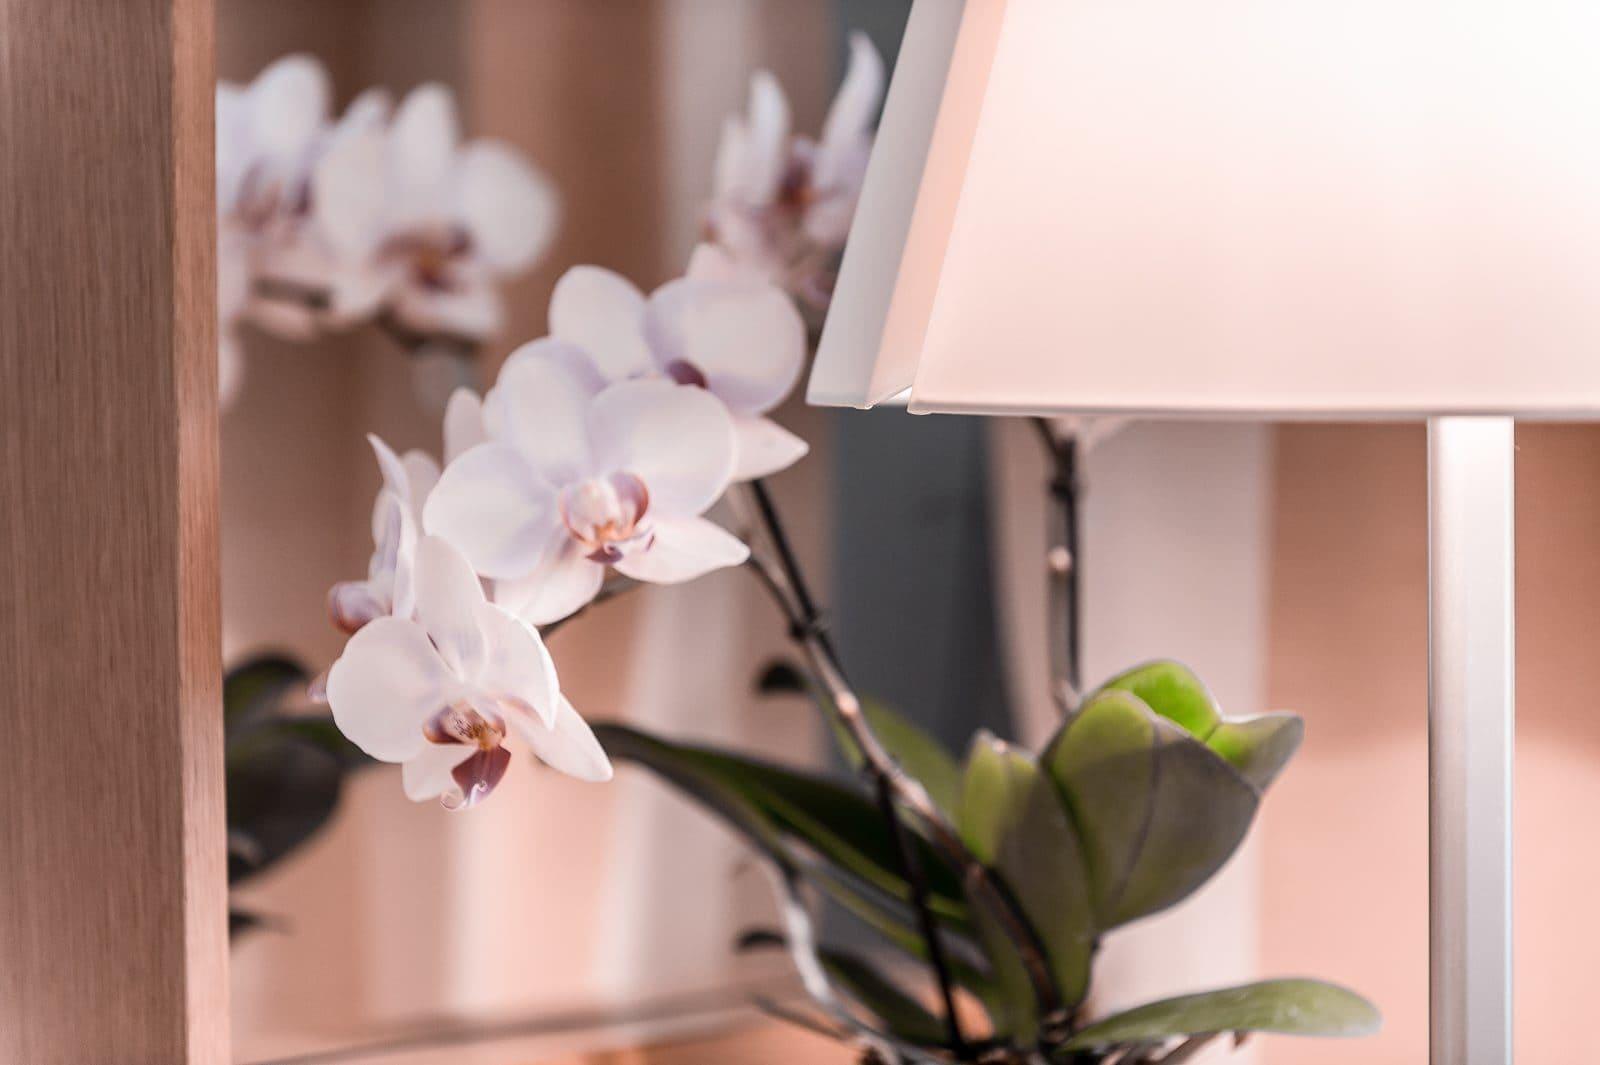 Detailaufnahme Blume und Lampe